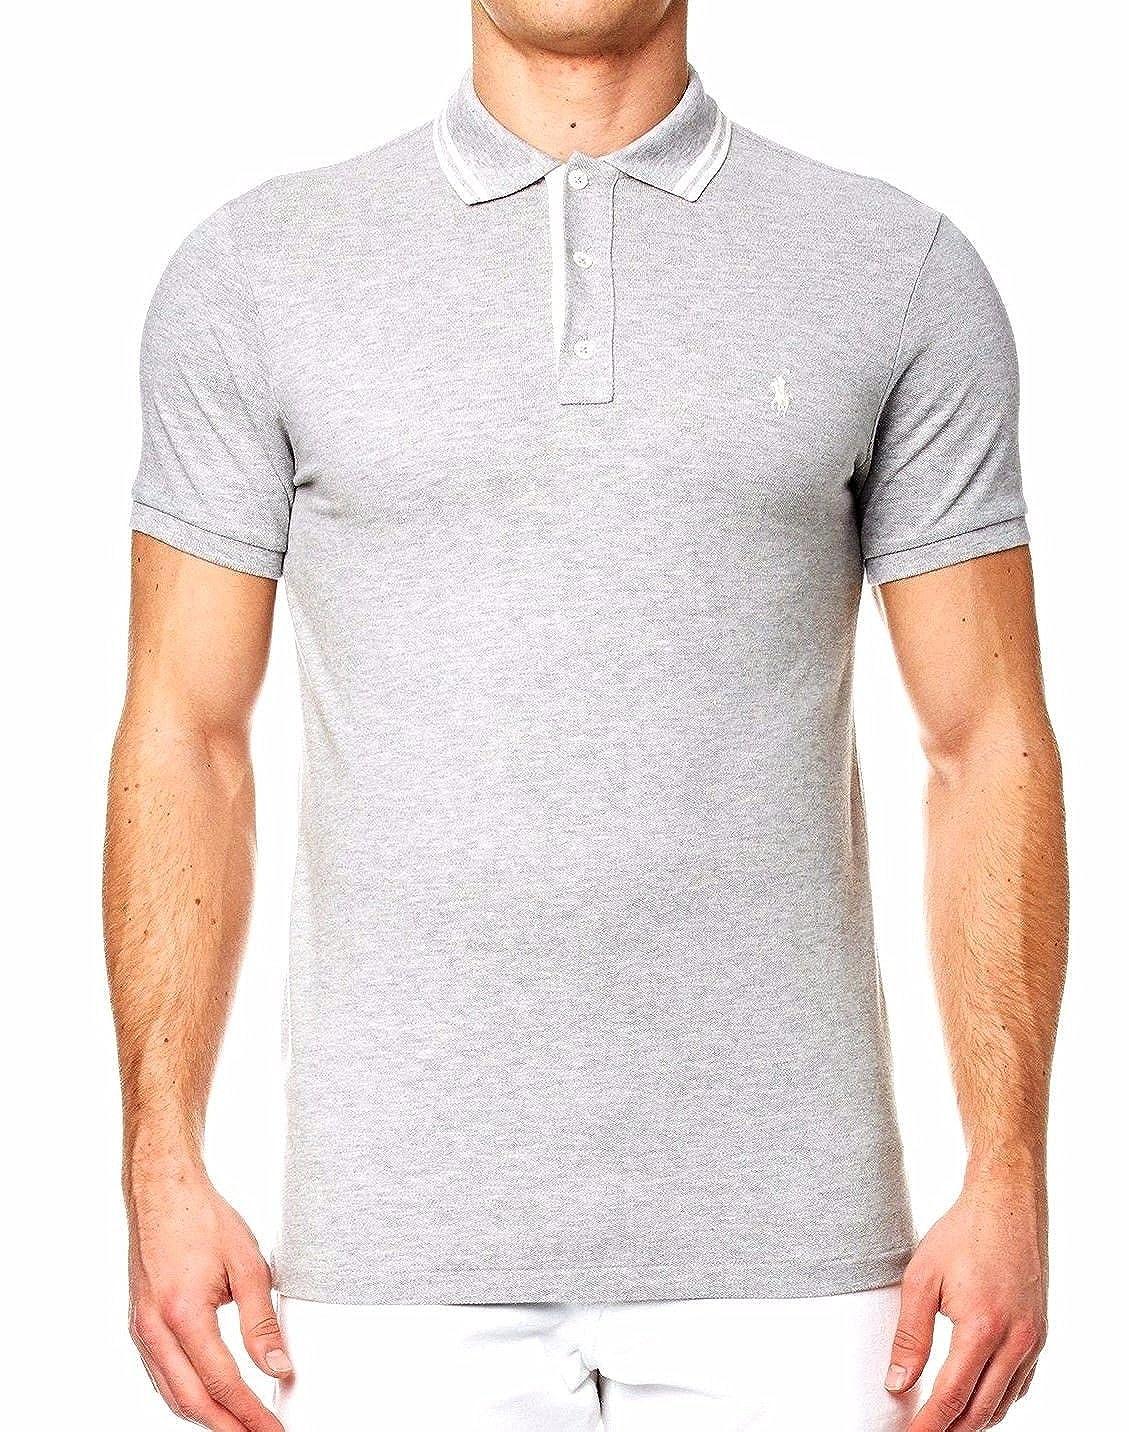 d621d8b4bb3df3 Polo Ralph Lauren Men s Custom-Fit Mesh Polo Shirt